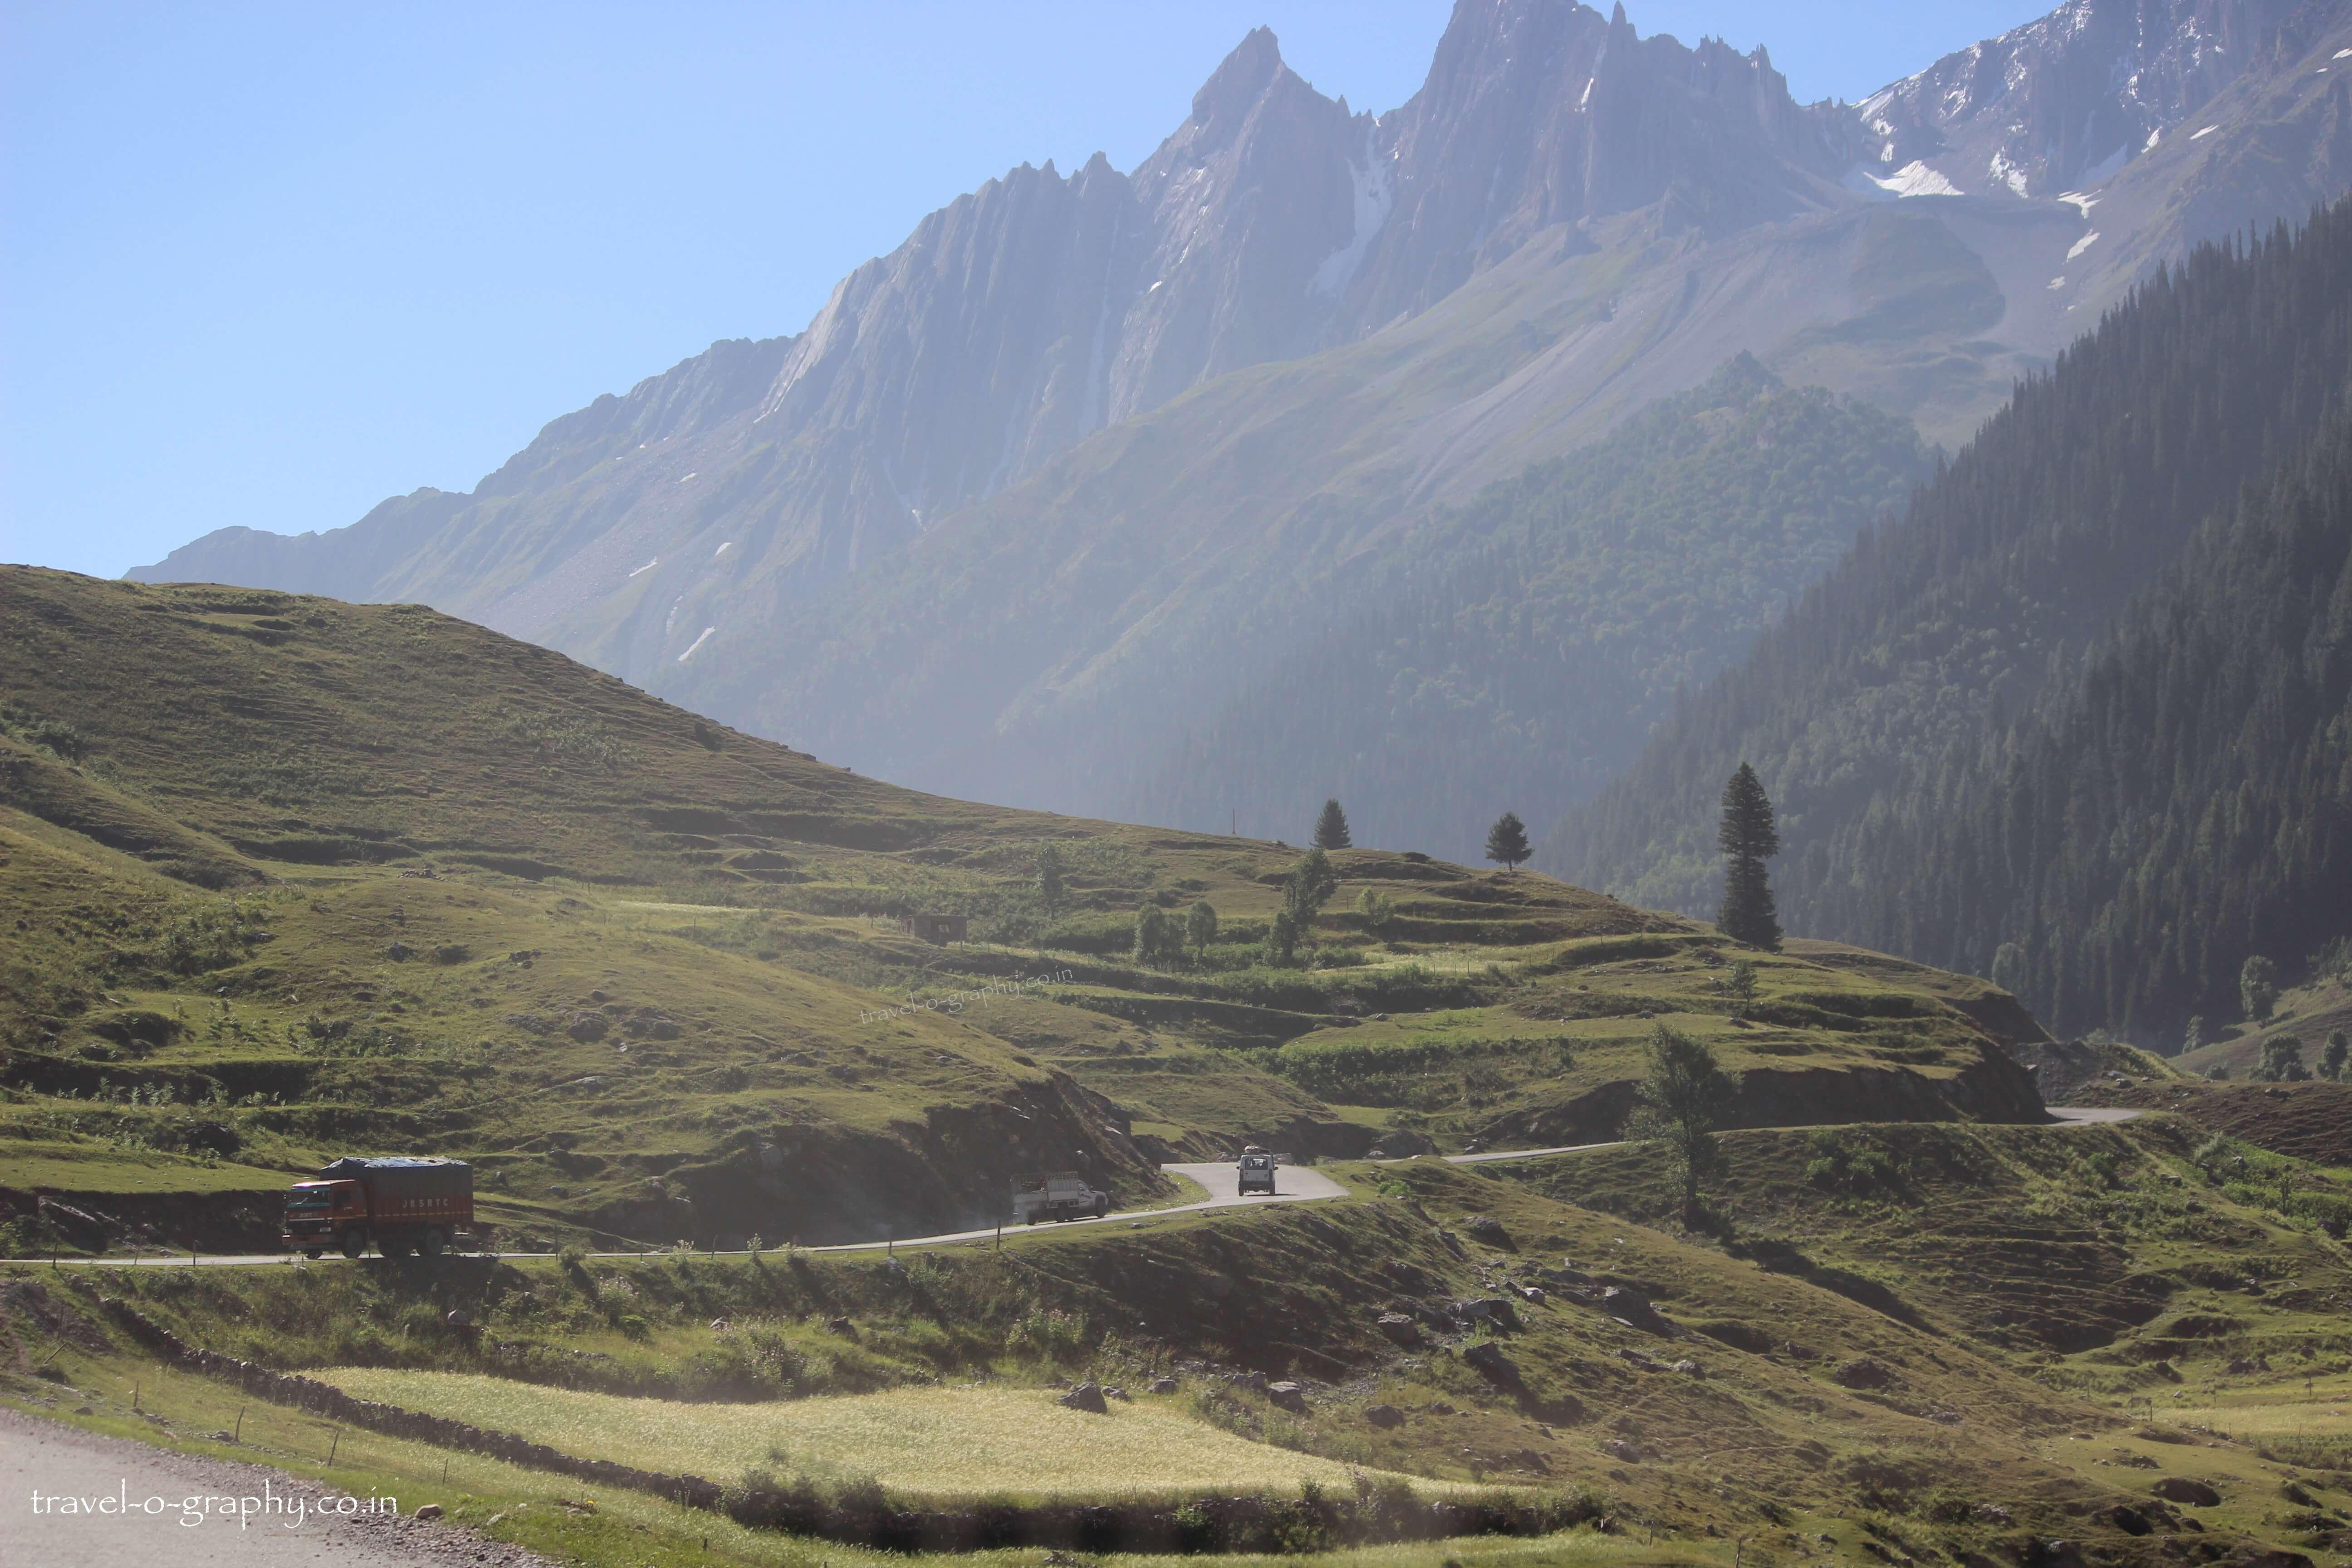 Tame & pleasing landscape og Kashmir